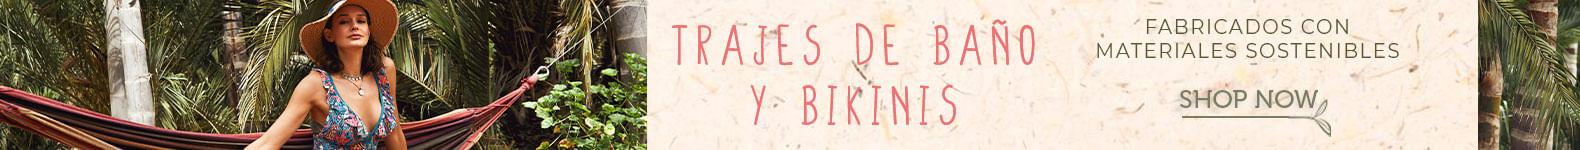 bikinis_y_trajes_de_bano